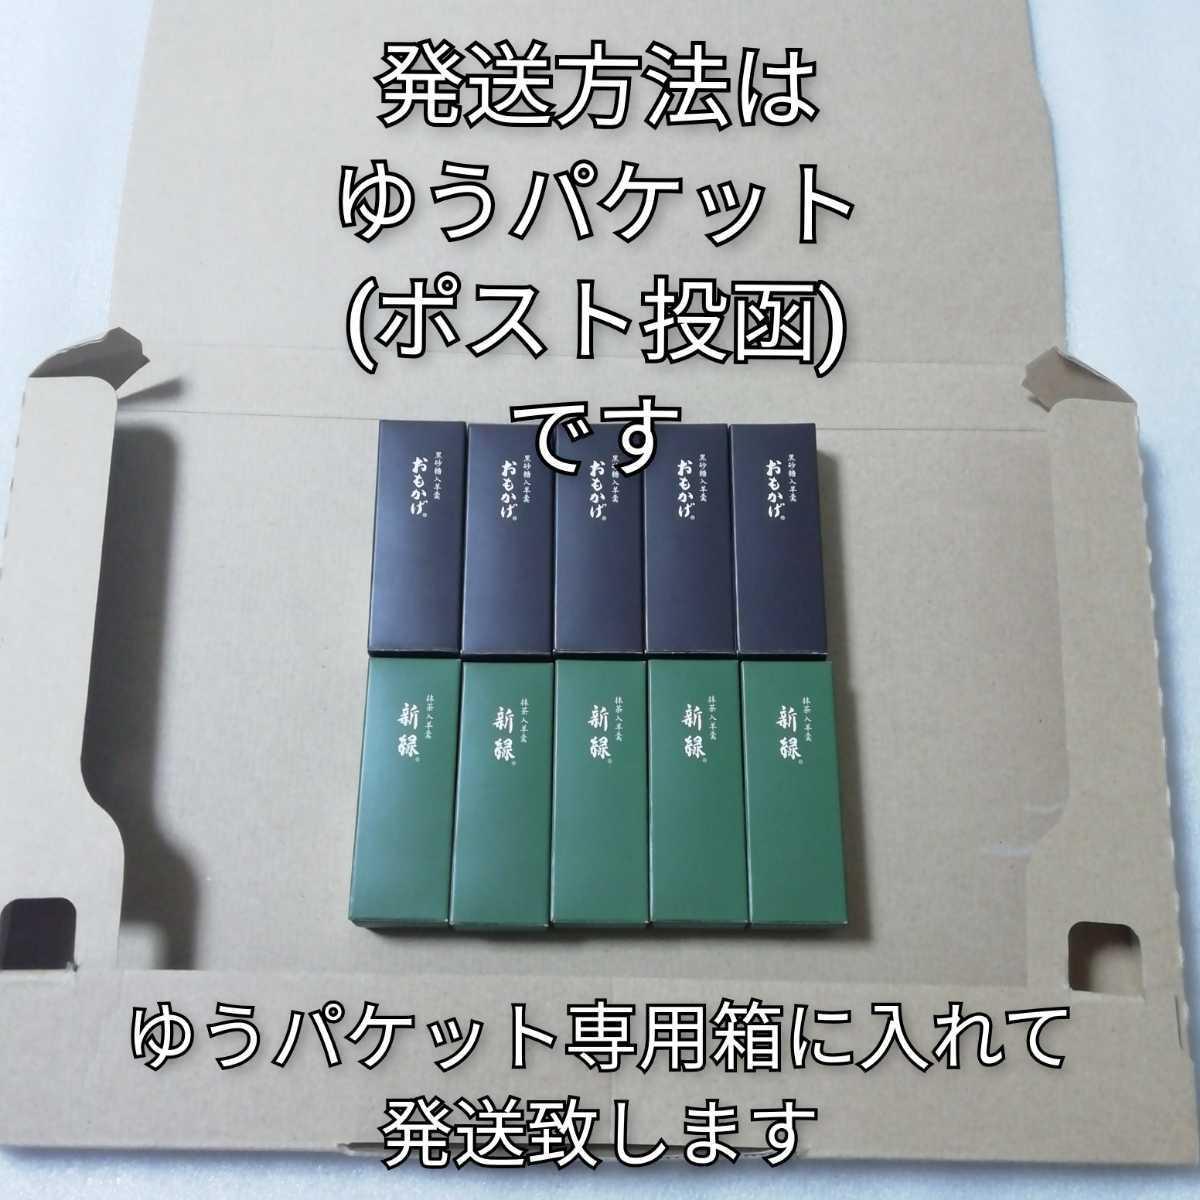 とらや 10本 おもかげ 新緑 抹茶 ようかん 羊羹 化粧箱無し 虎屋_画像3